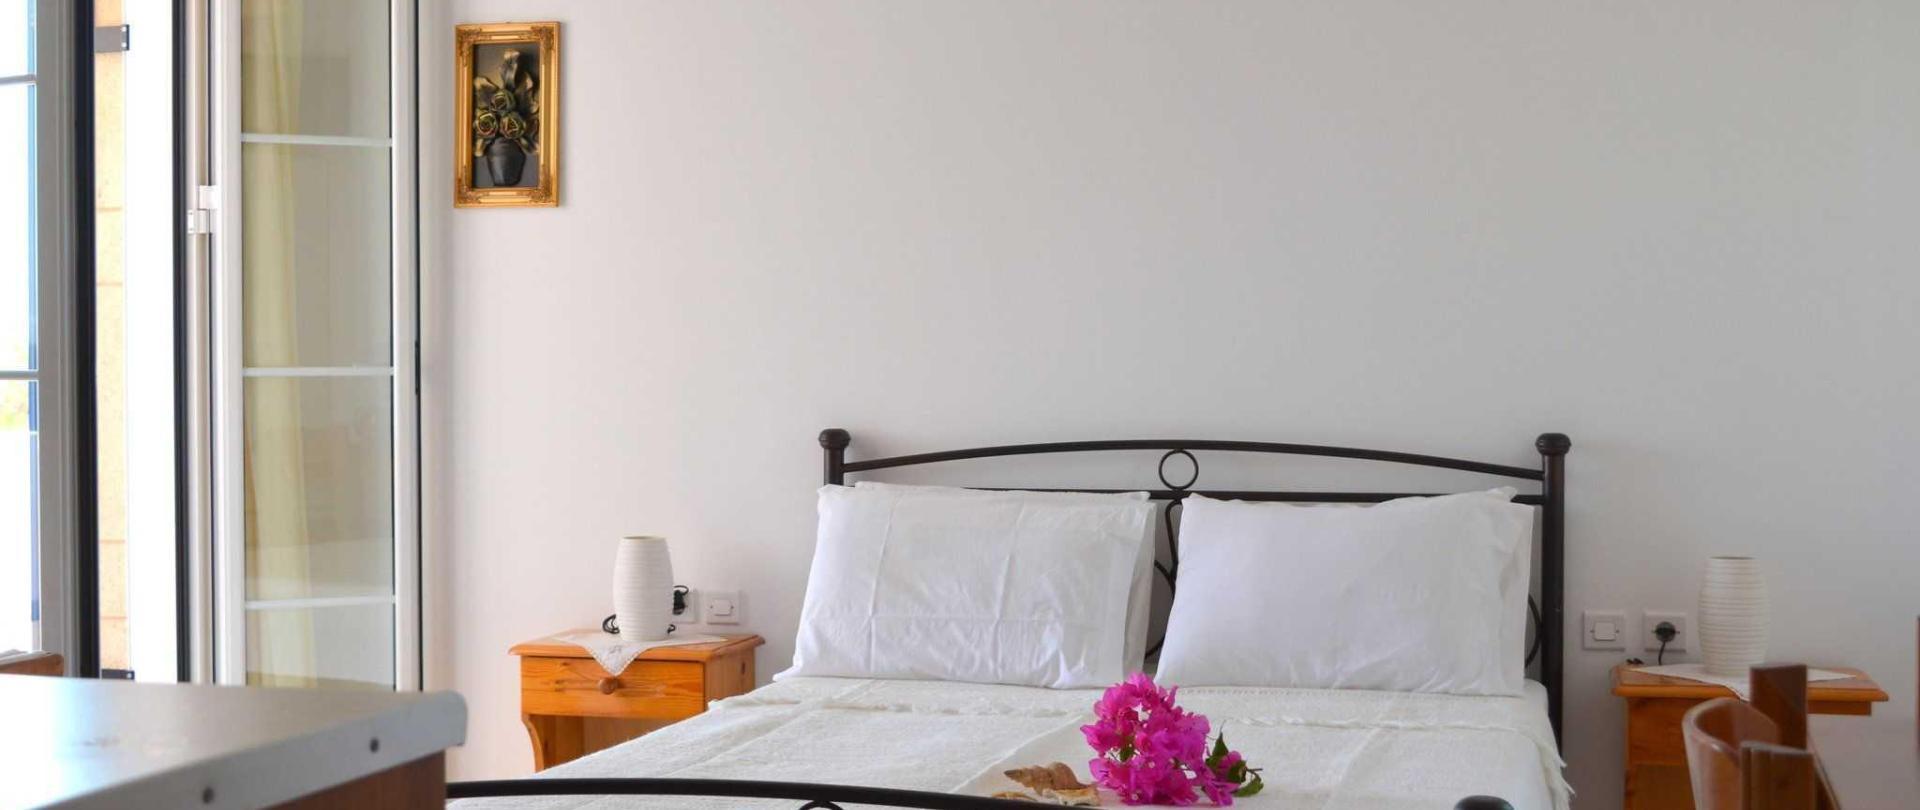 studio-1-bedroom-3.JPG